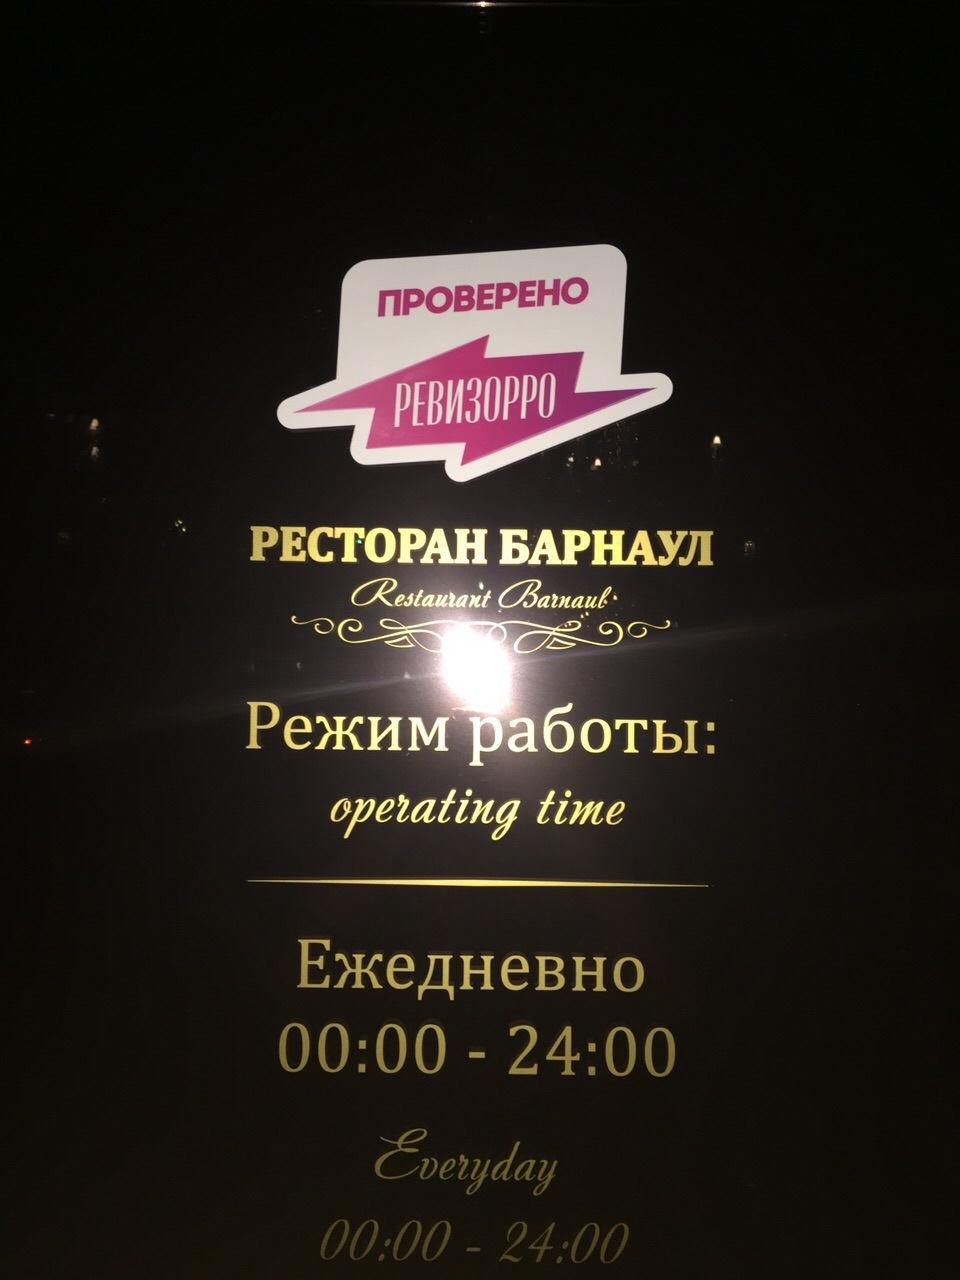 Ресторан Барнаул прошел проверку Ревизорро